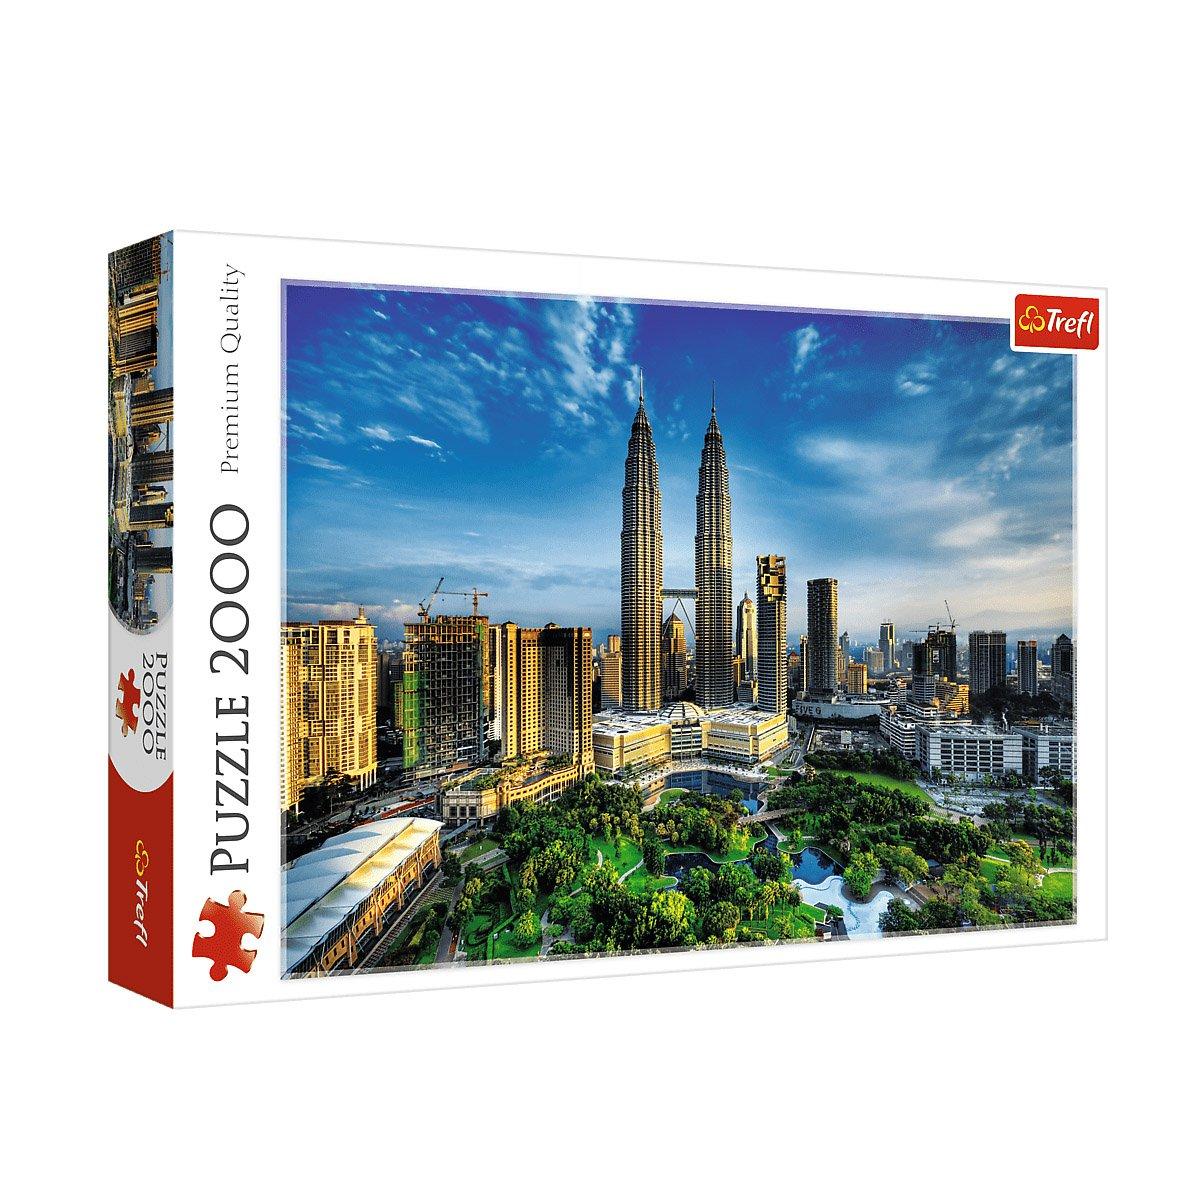 پازل 2000 تکه ترفل مدل برجهای دوقلو پتروناس